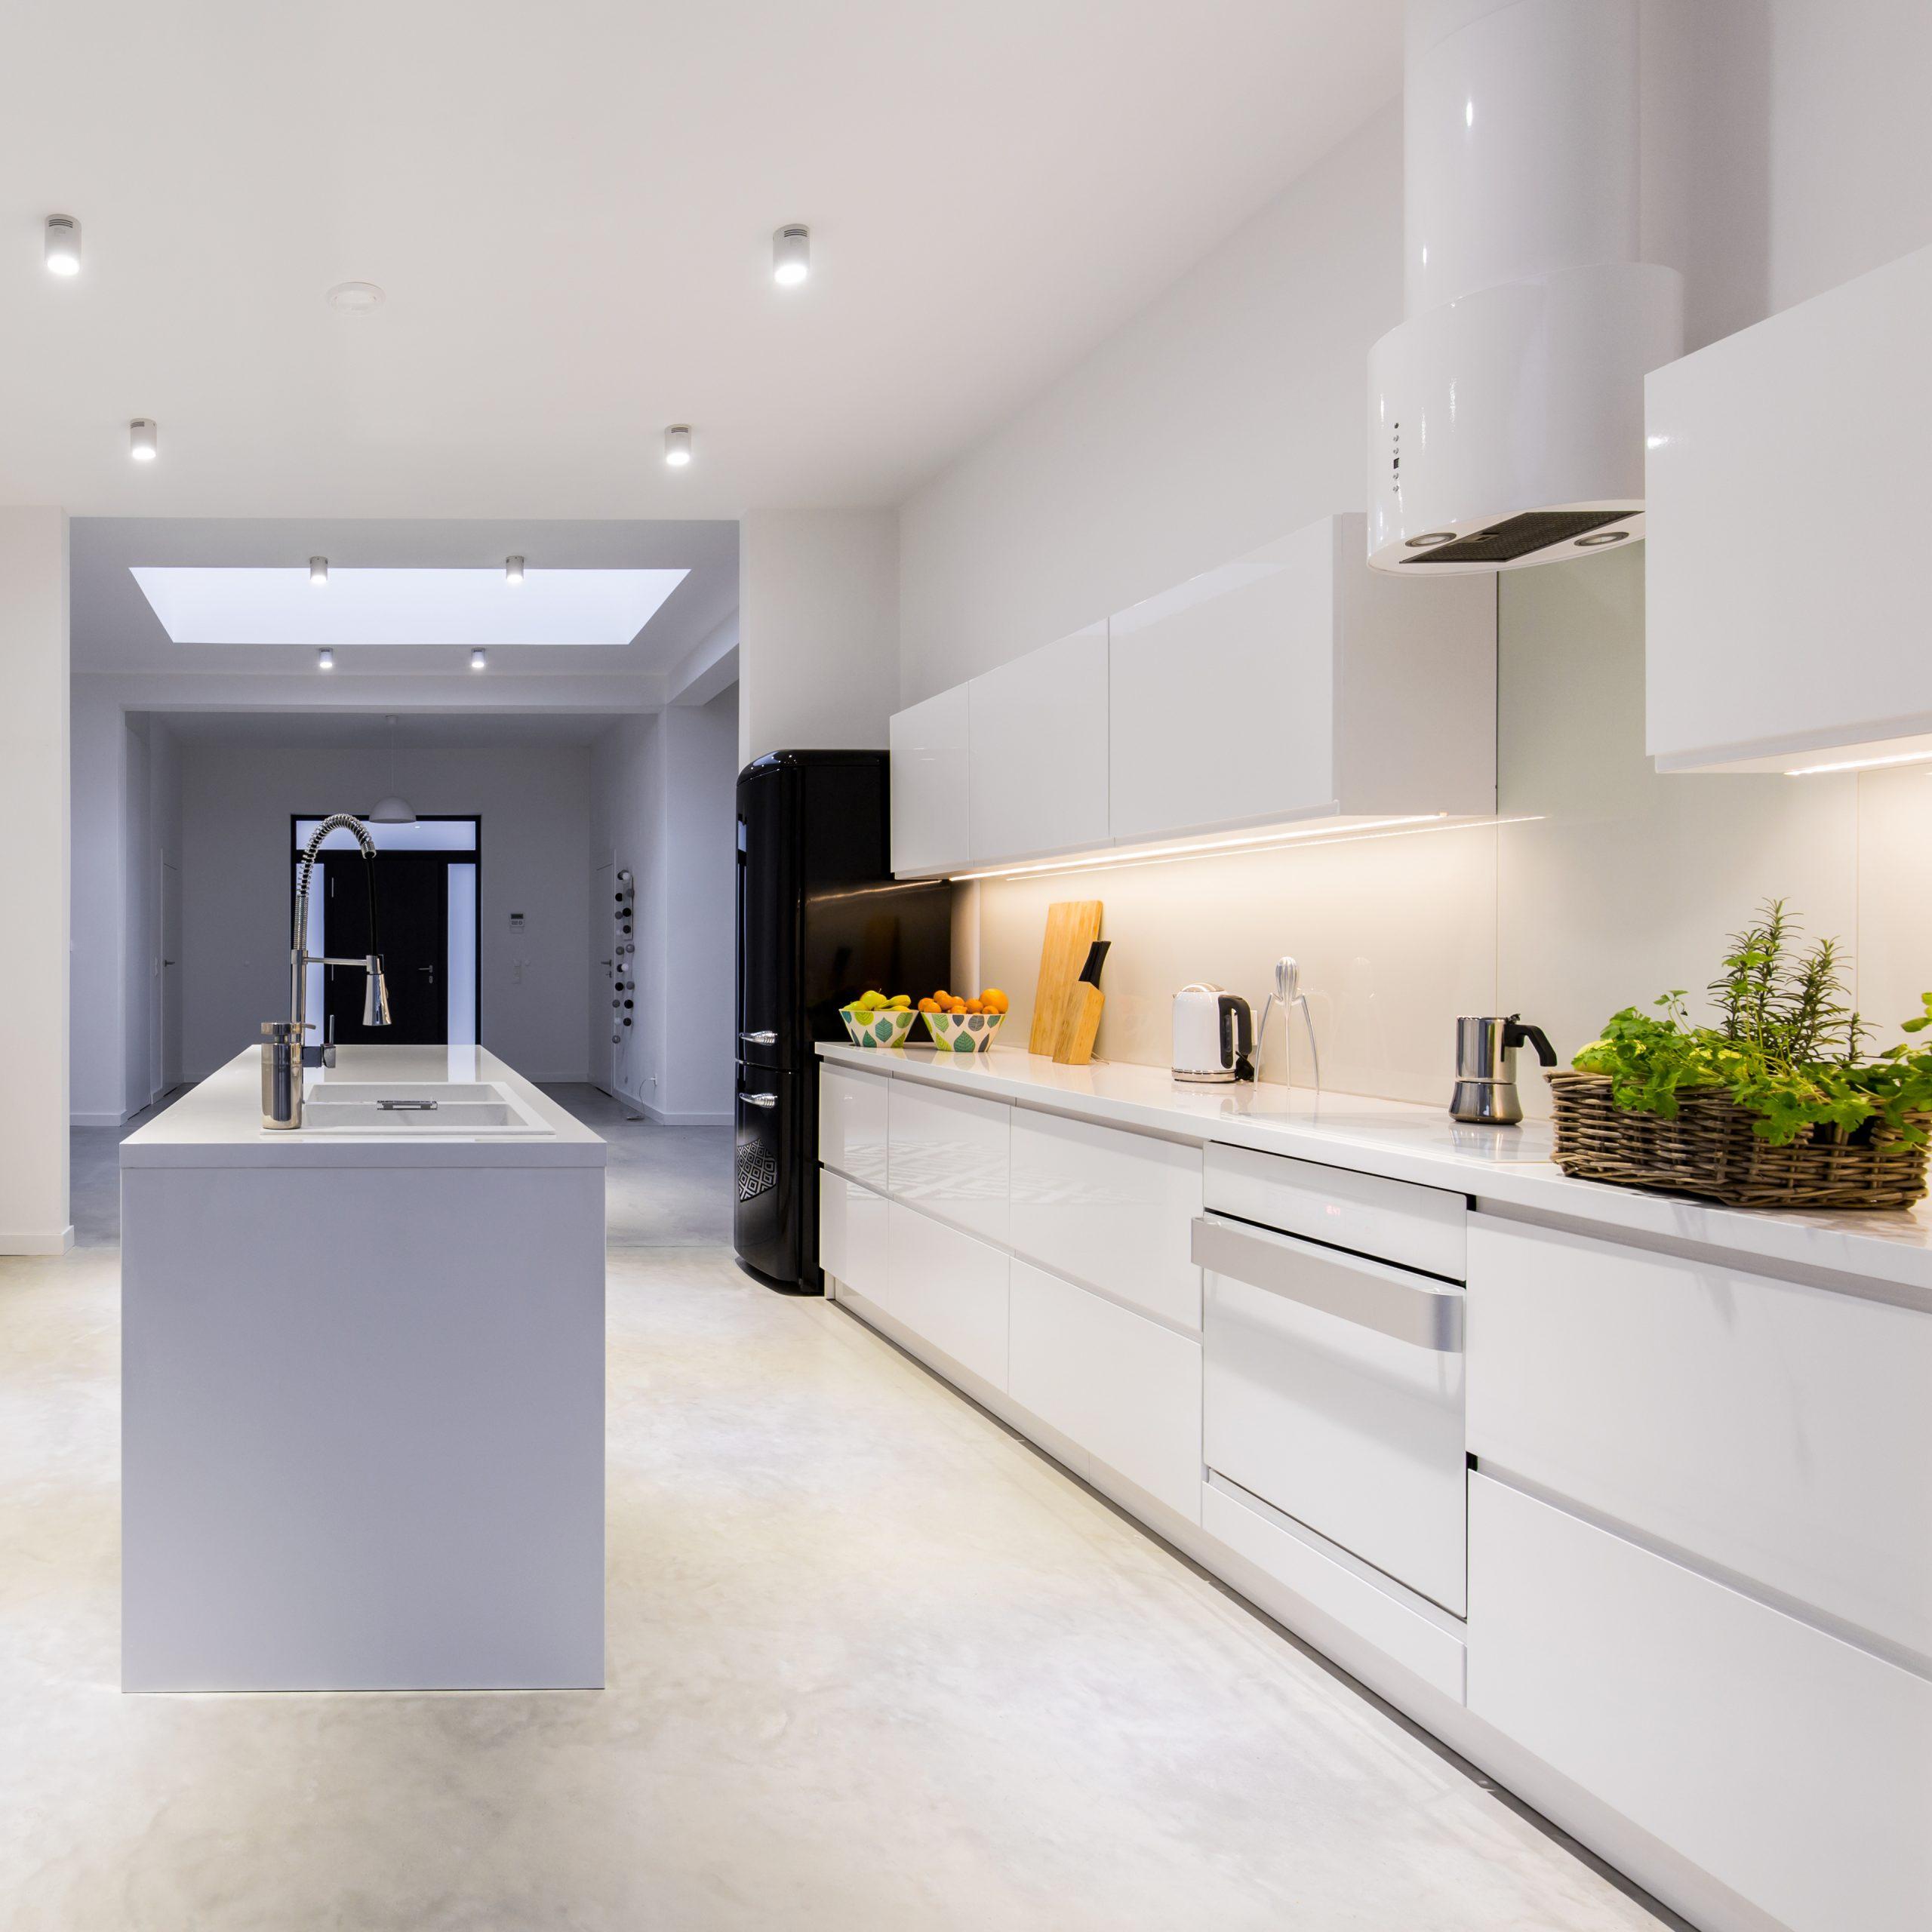 Flooring in Kitchen